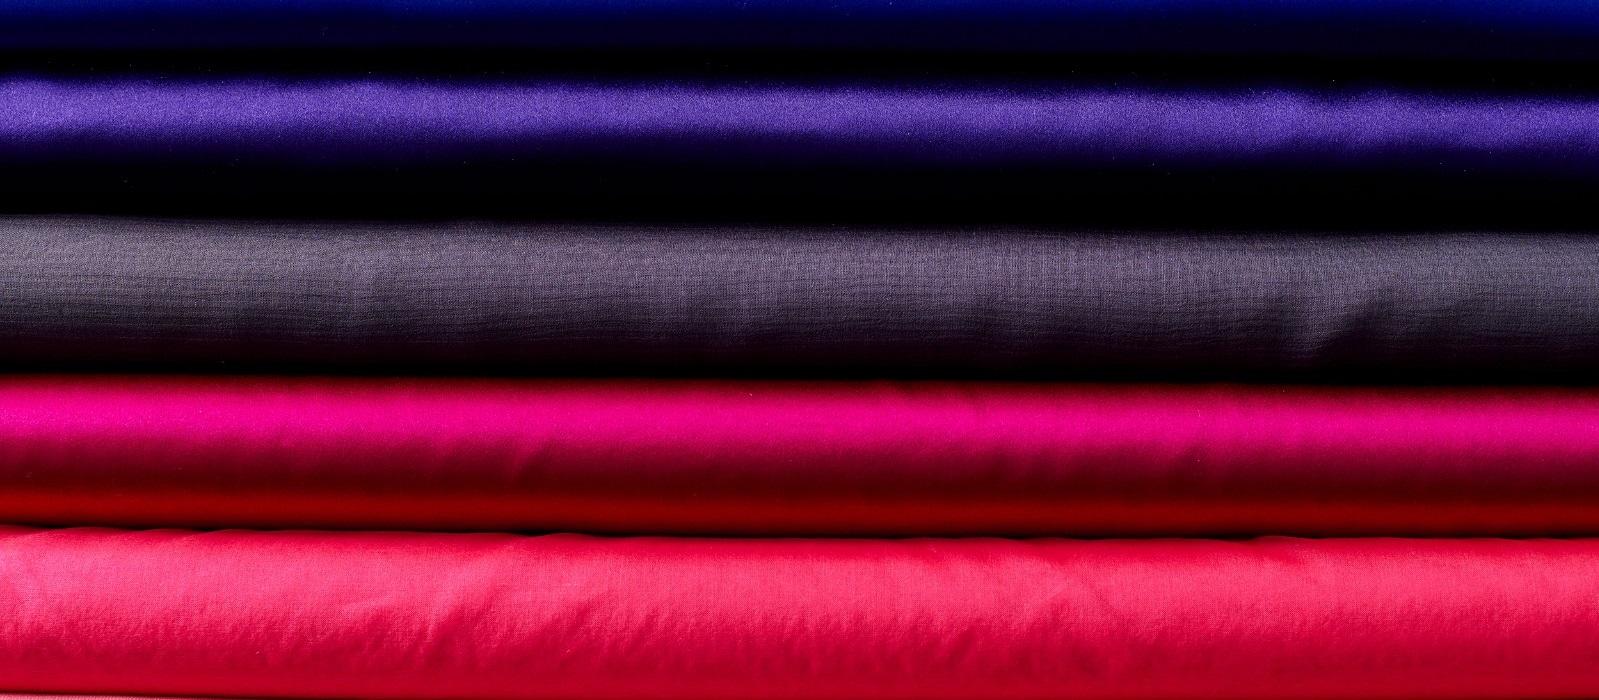 Silk - The Queen of fibres